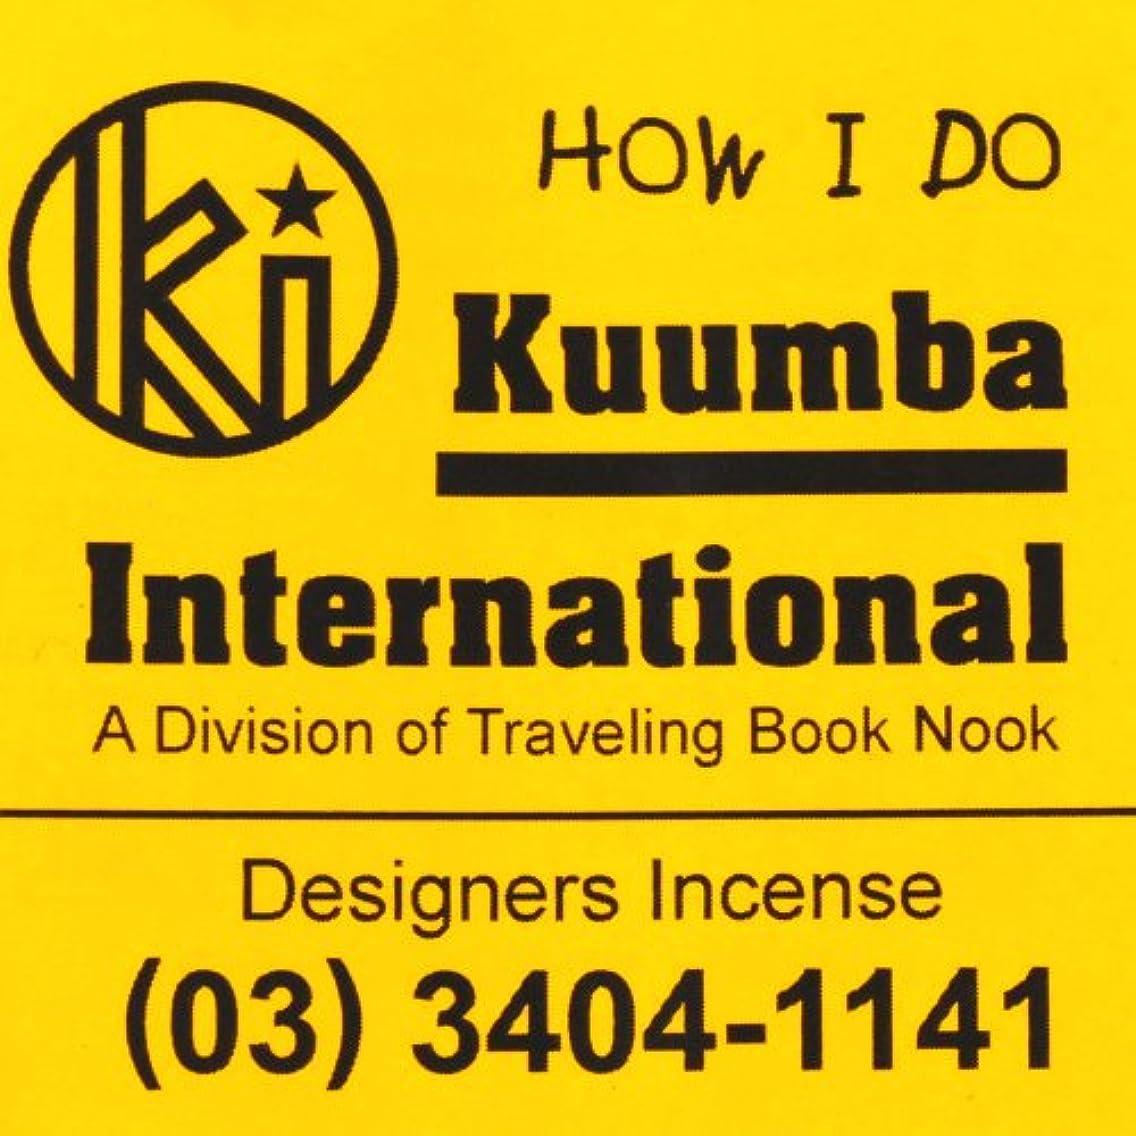 アスペクト制限された報復(クンバ) KUUMBA『classic regular incense』(HOW I DO) (Regular size)